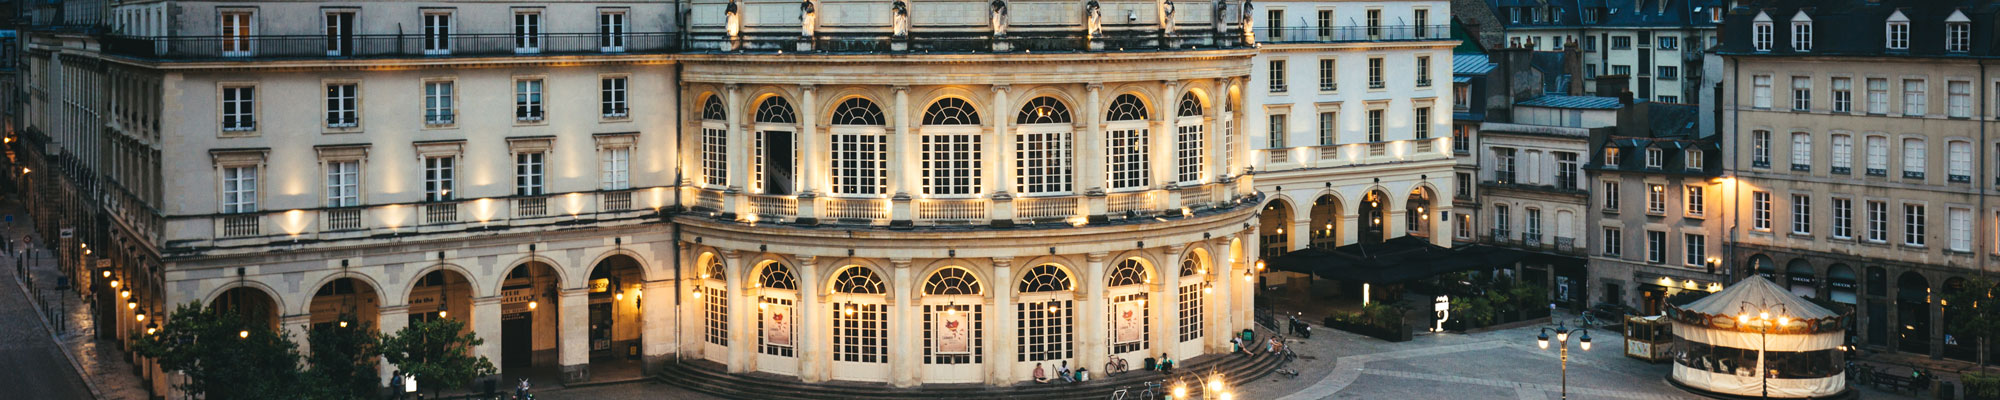 Mastère à Rennes